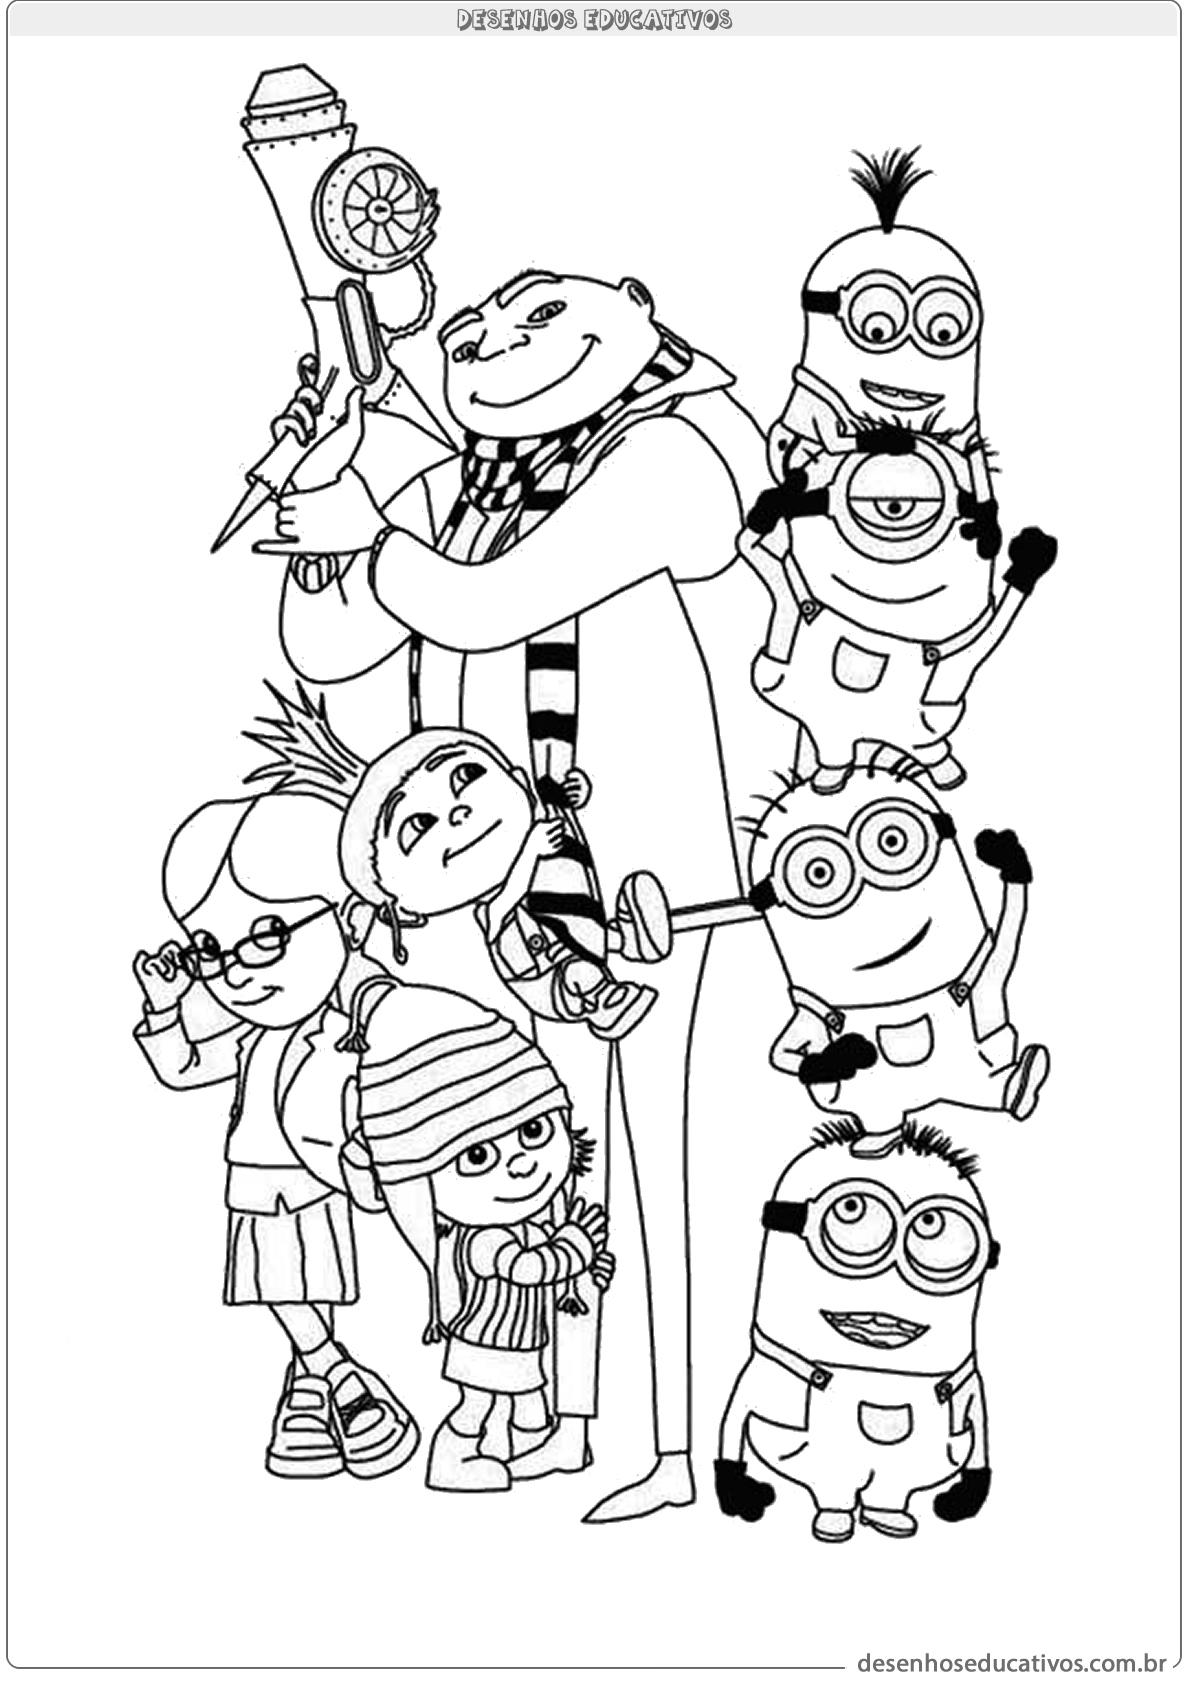 Desenhos Educativos Gru E Os Minions Desenhos Educativos